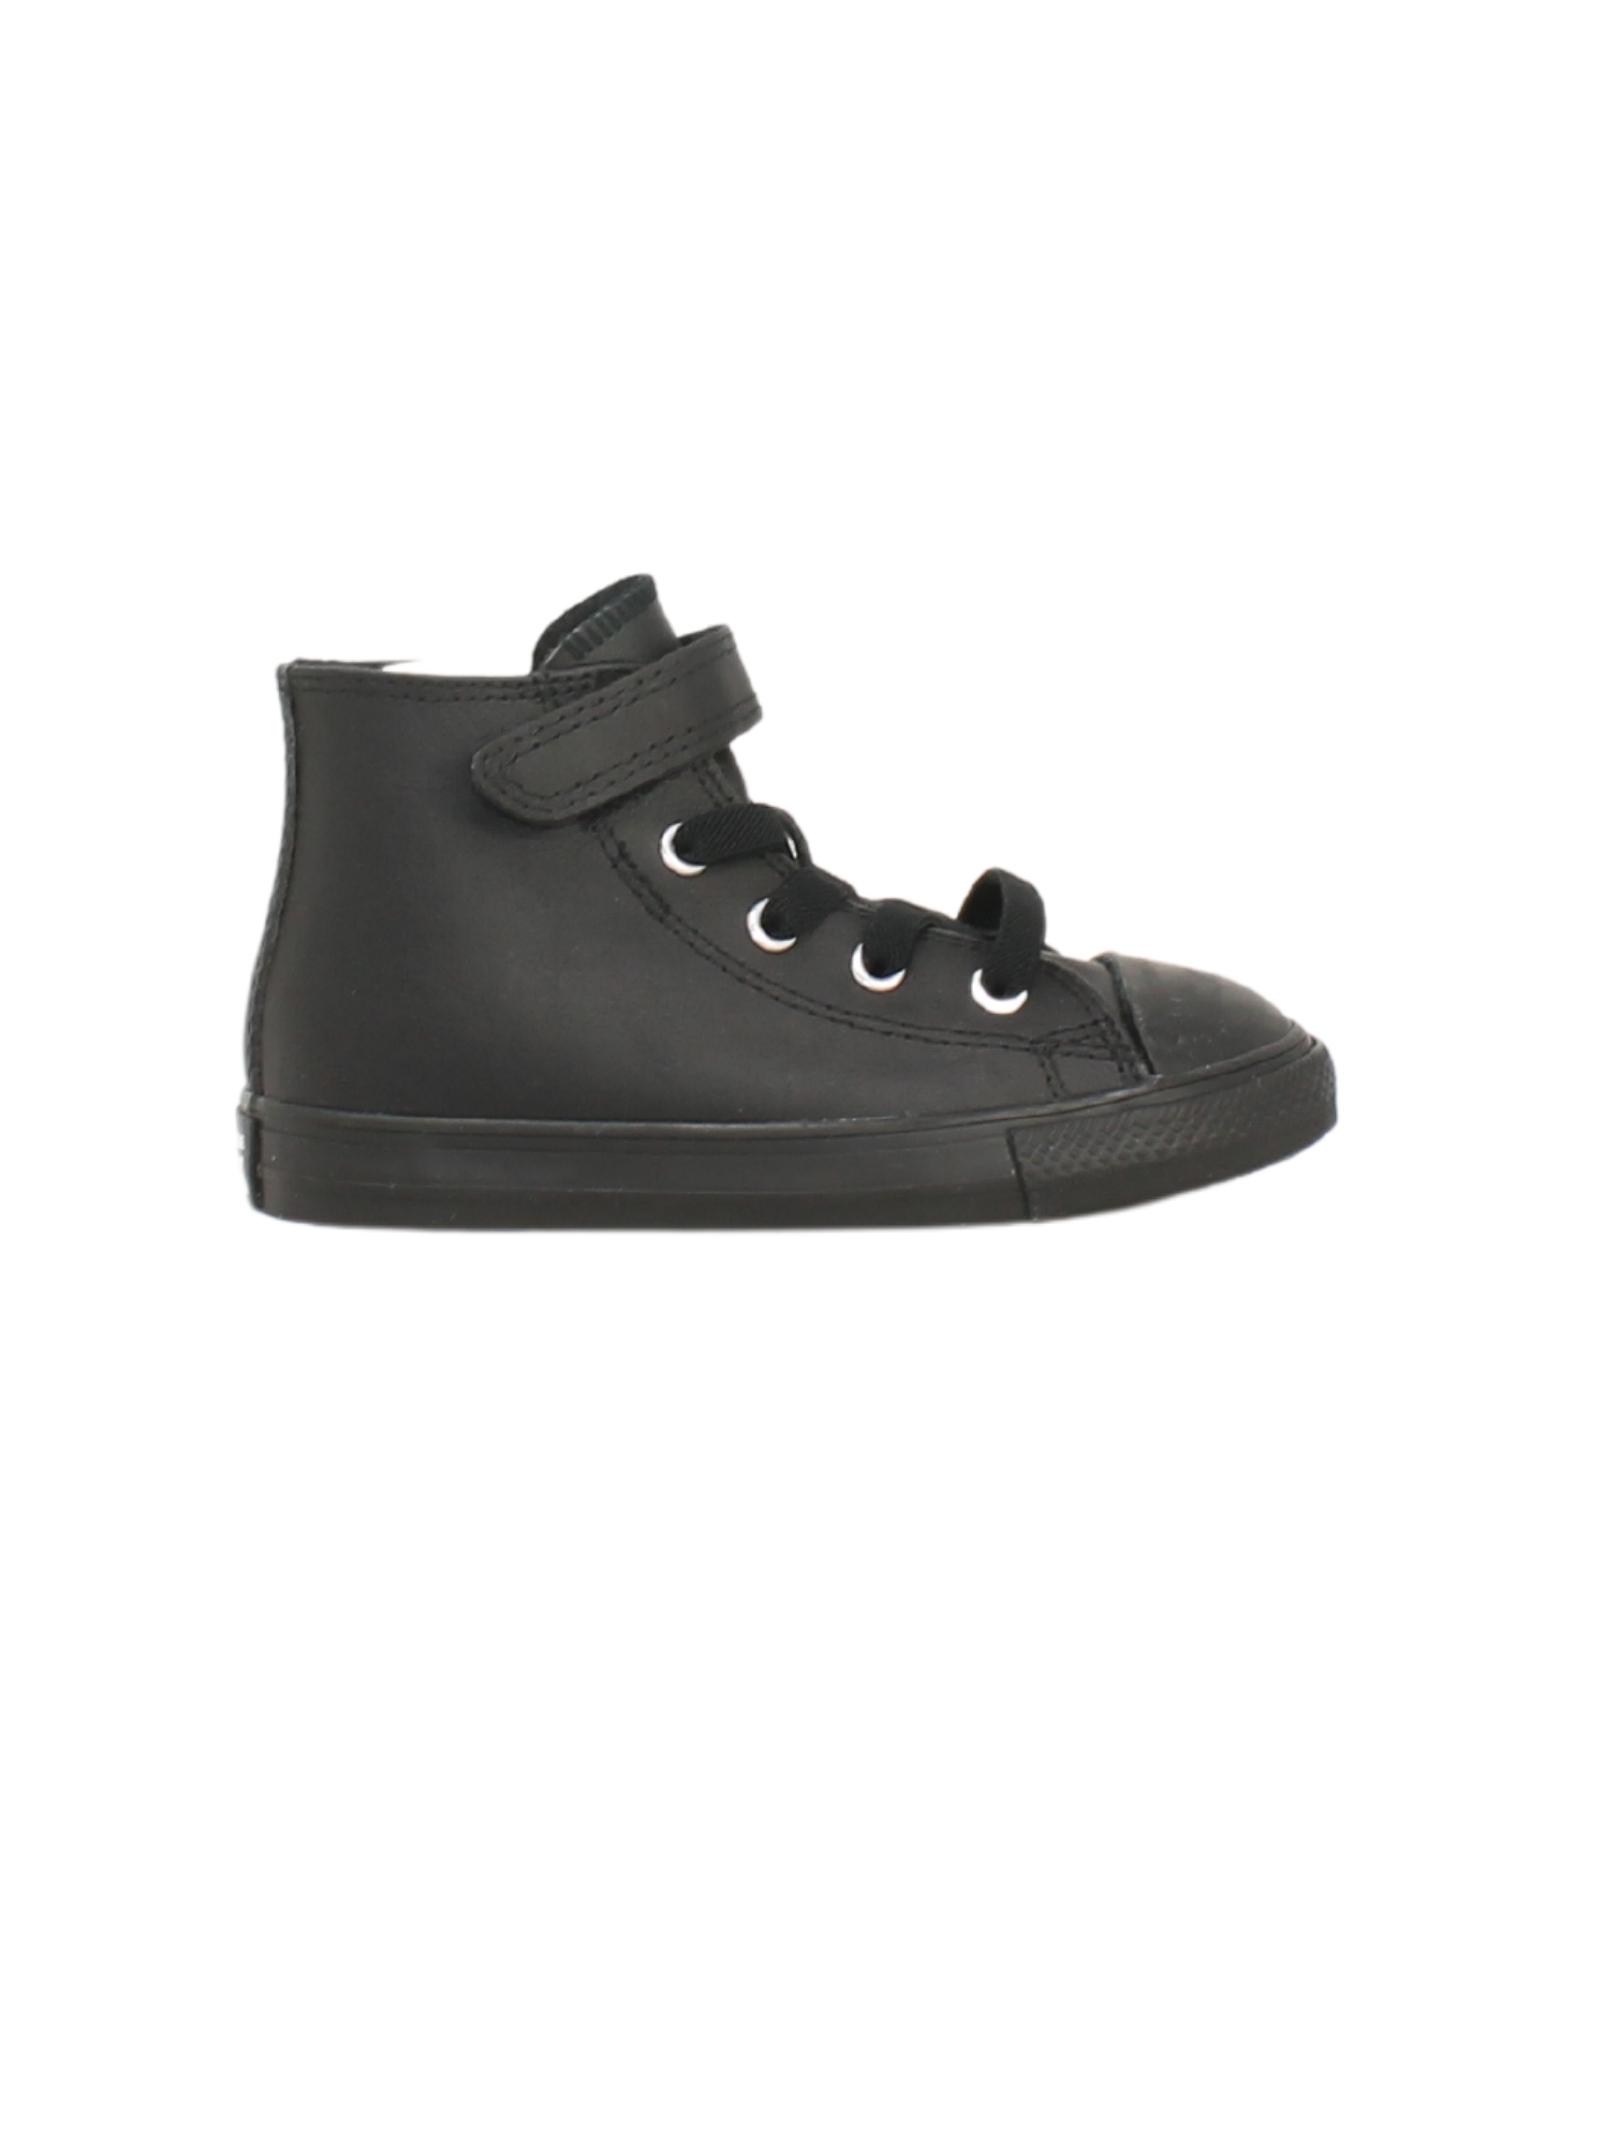 Sneakers Total Black Boy CONVERSE KIDS | Sneakers | 771497CNERO